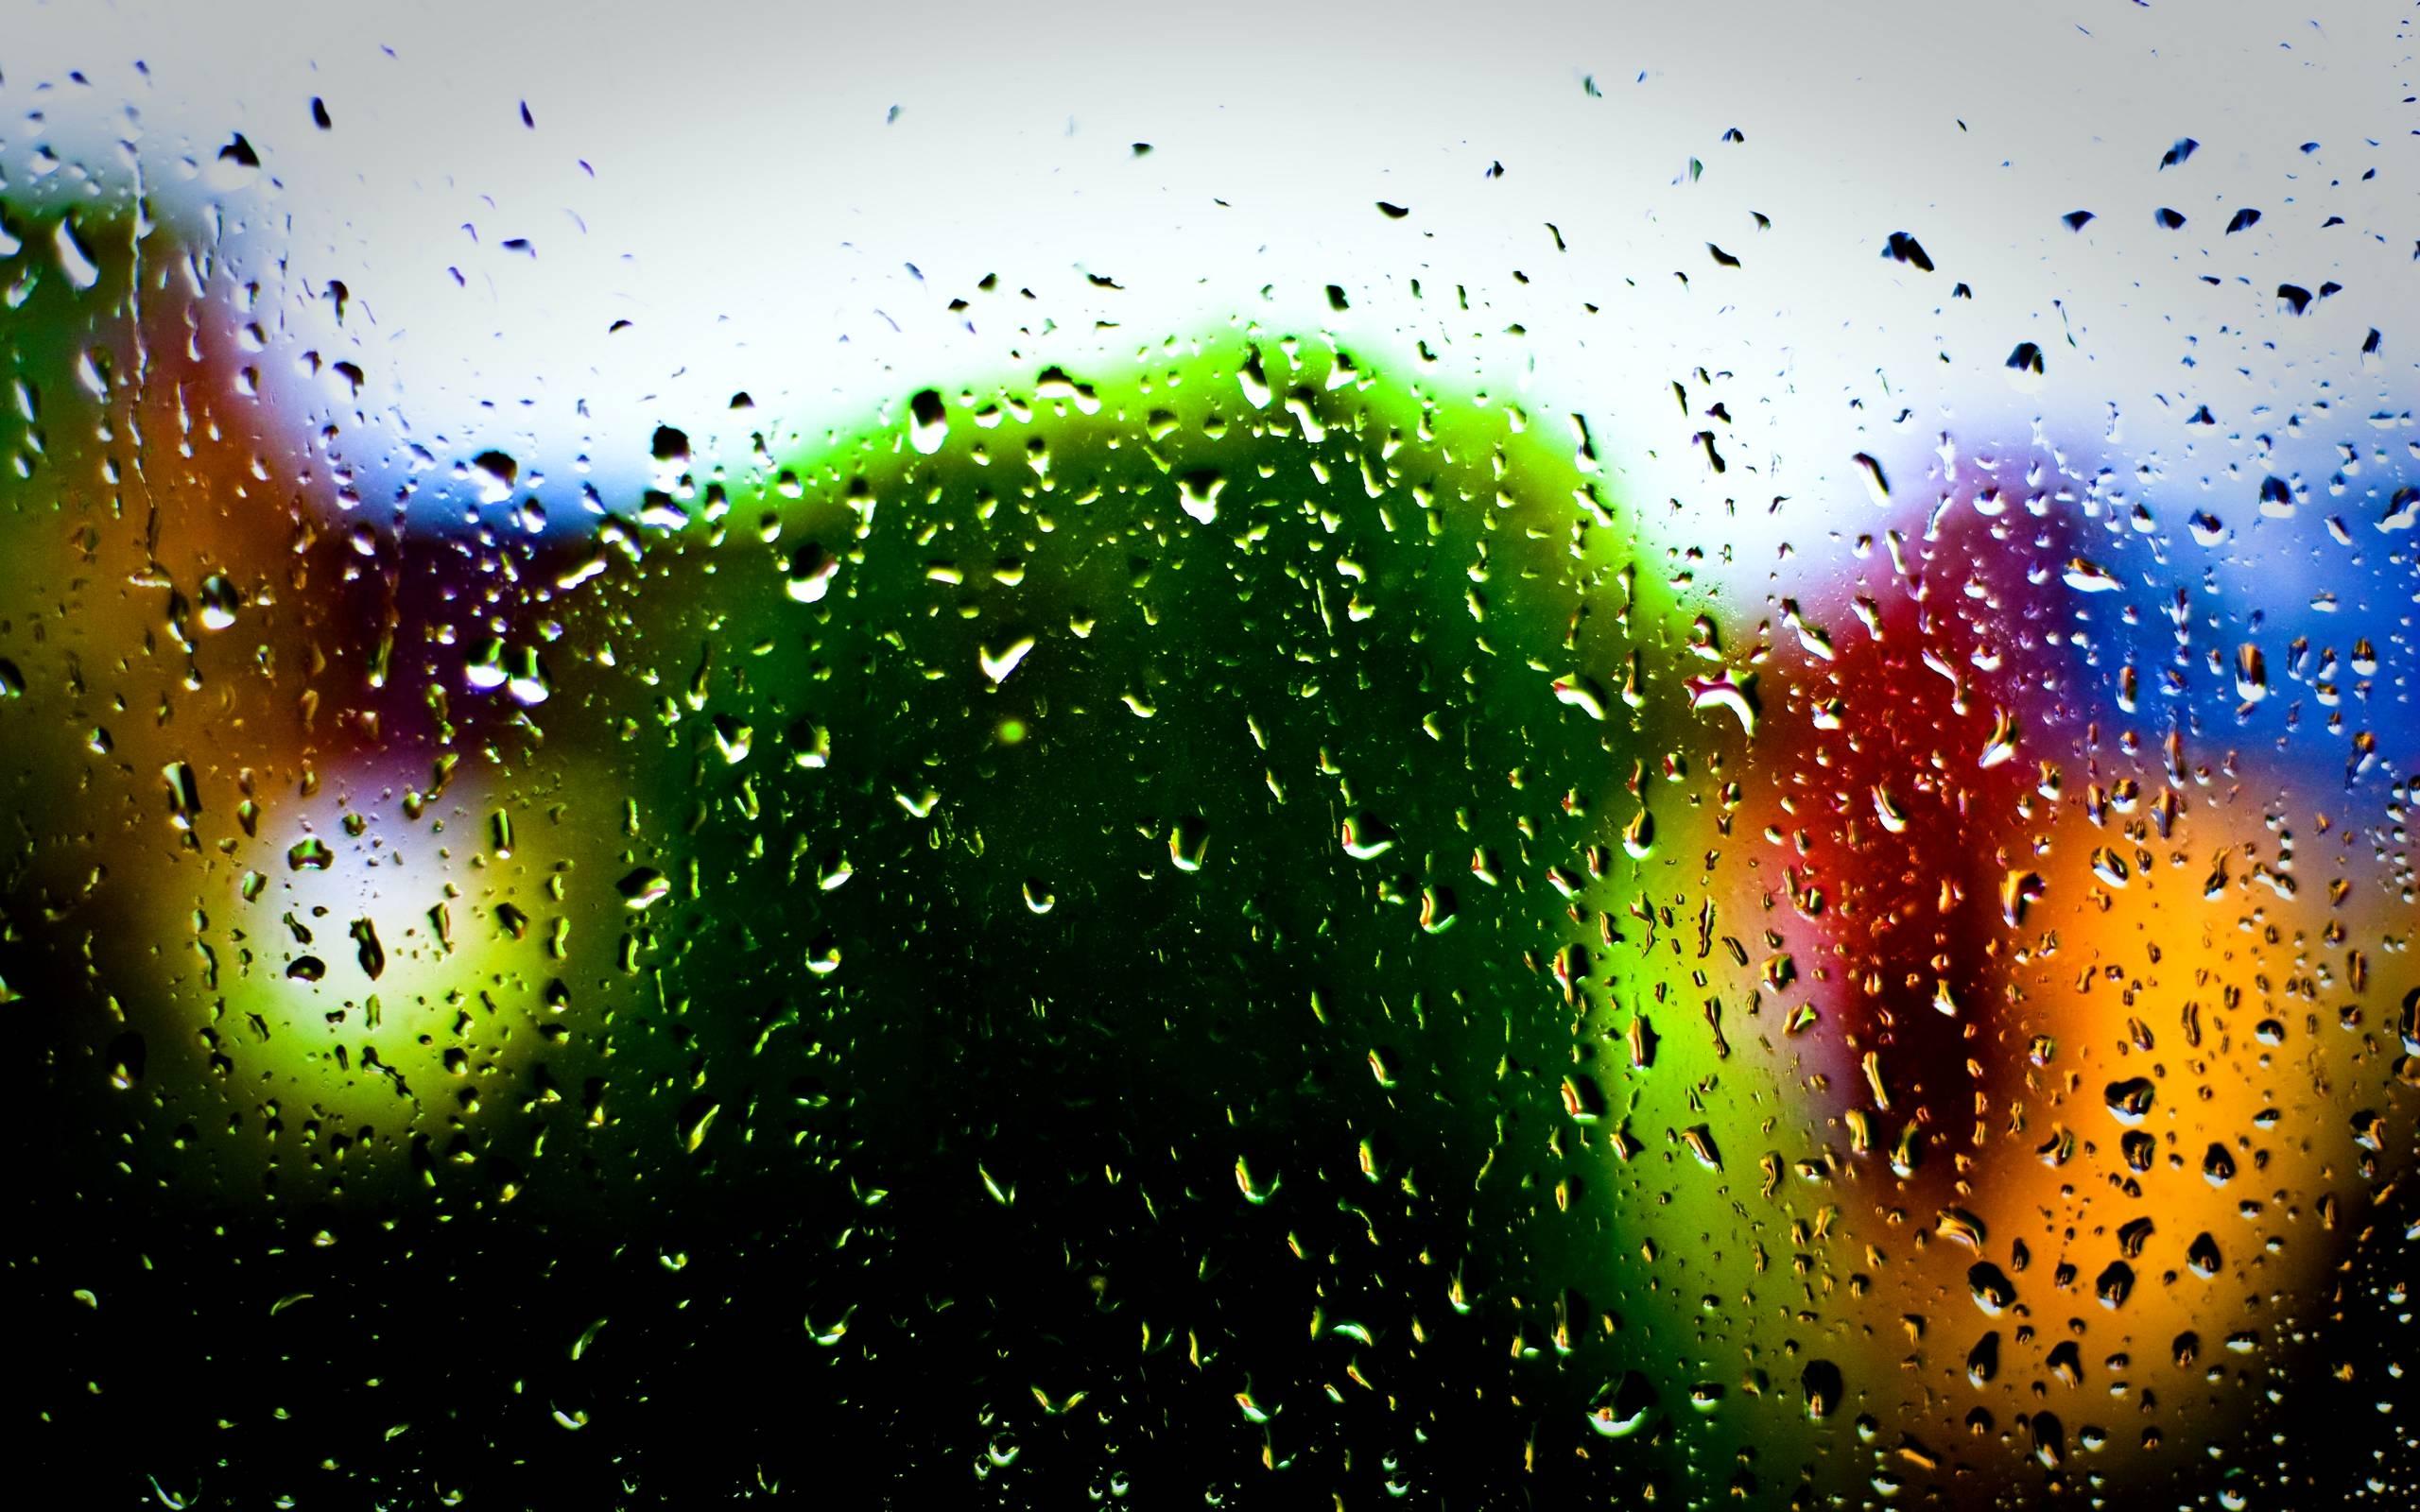 Rain Drops Wallpapers Wallpaper Cave